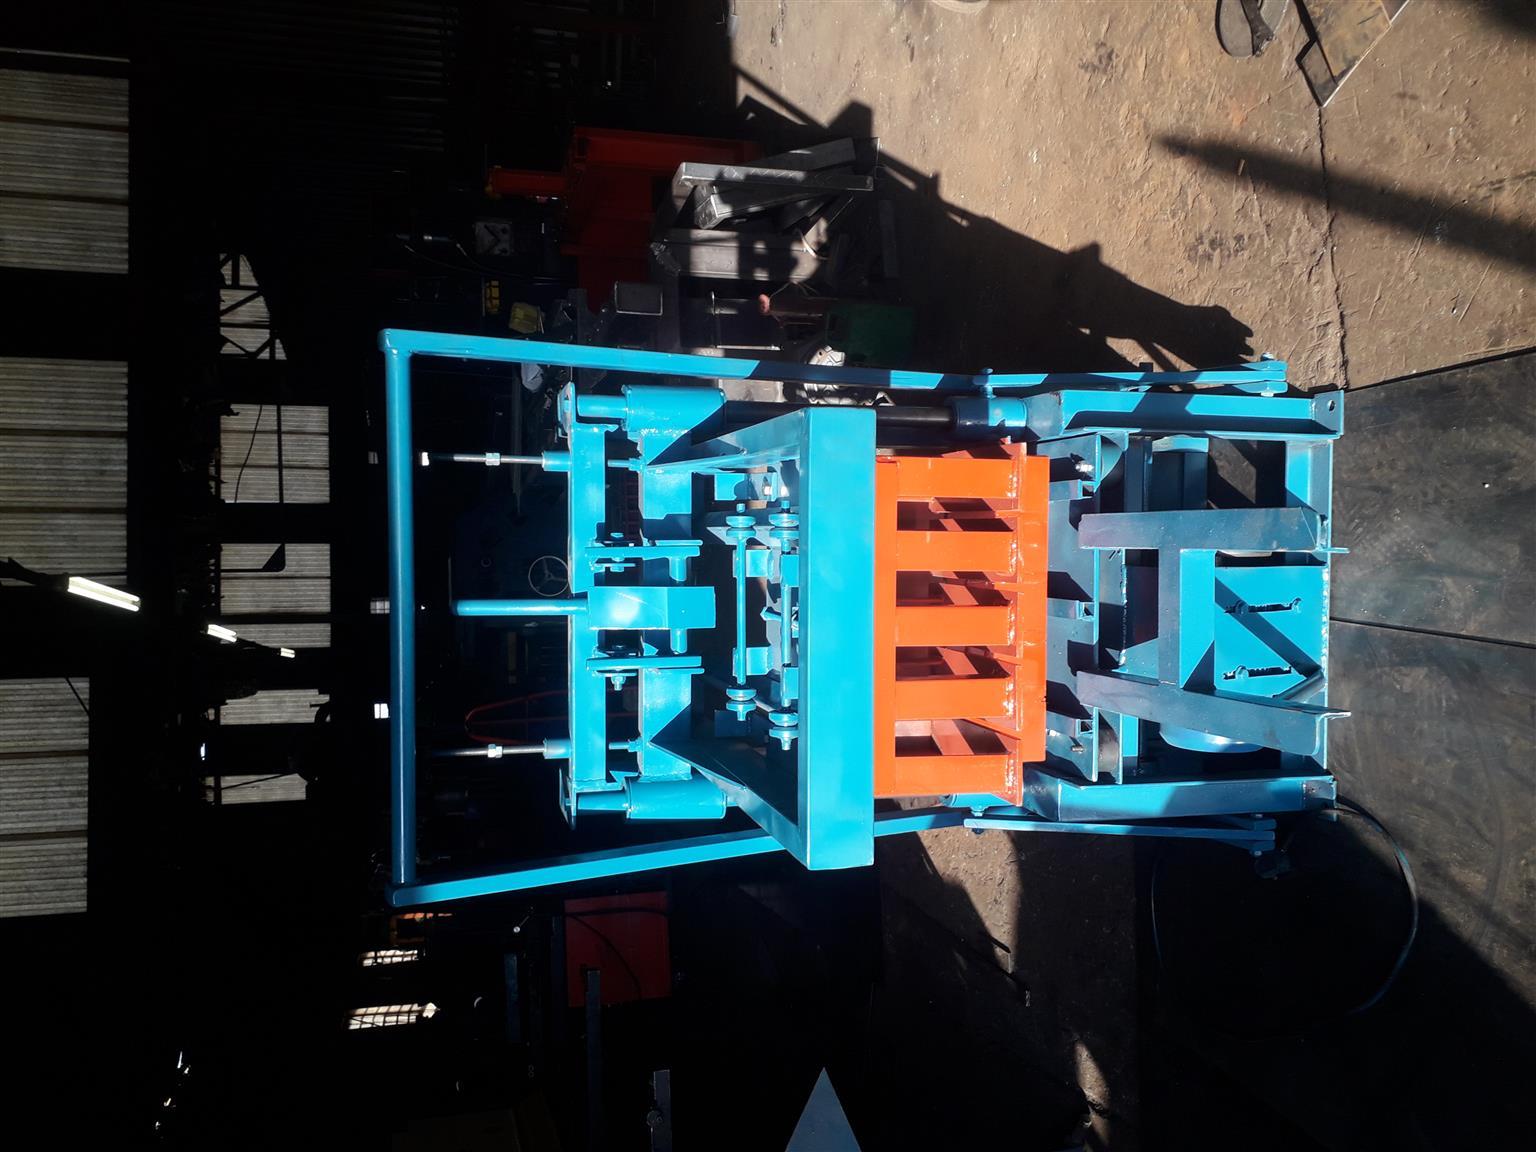 Electric static machine